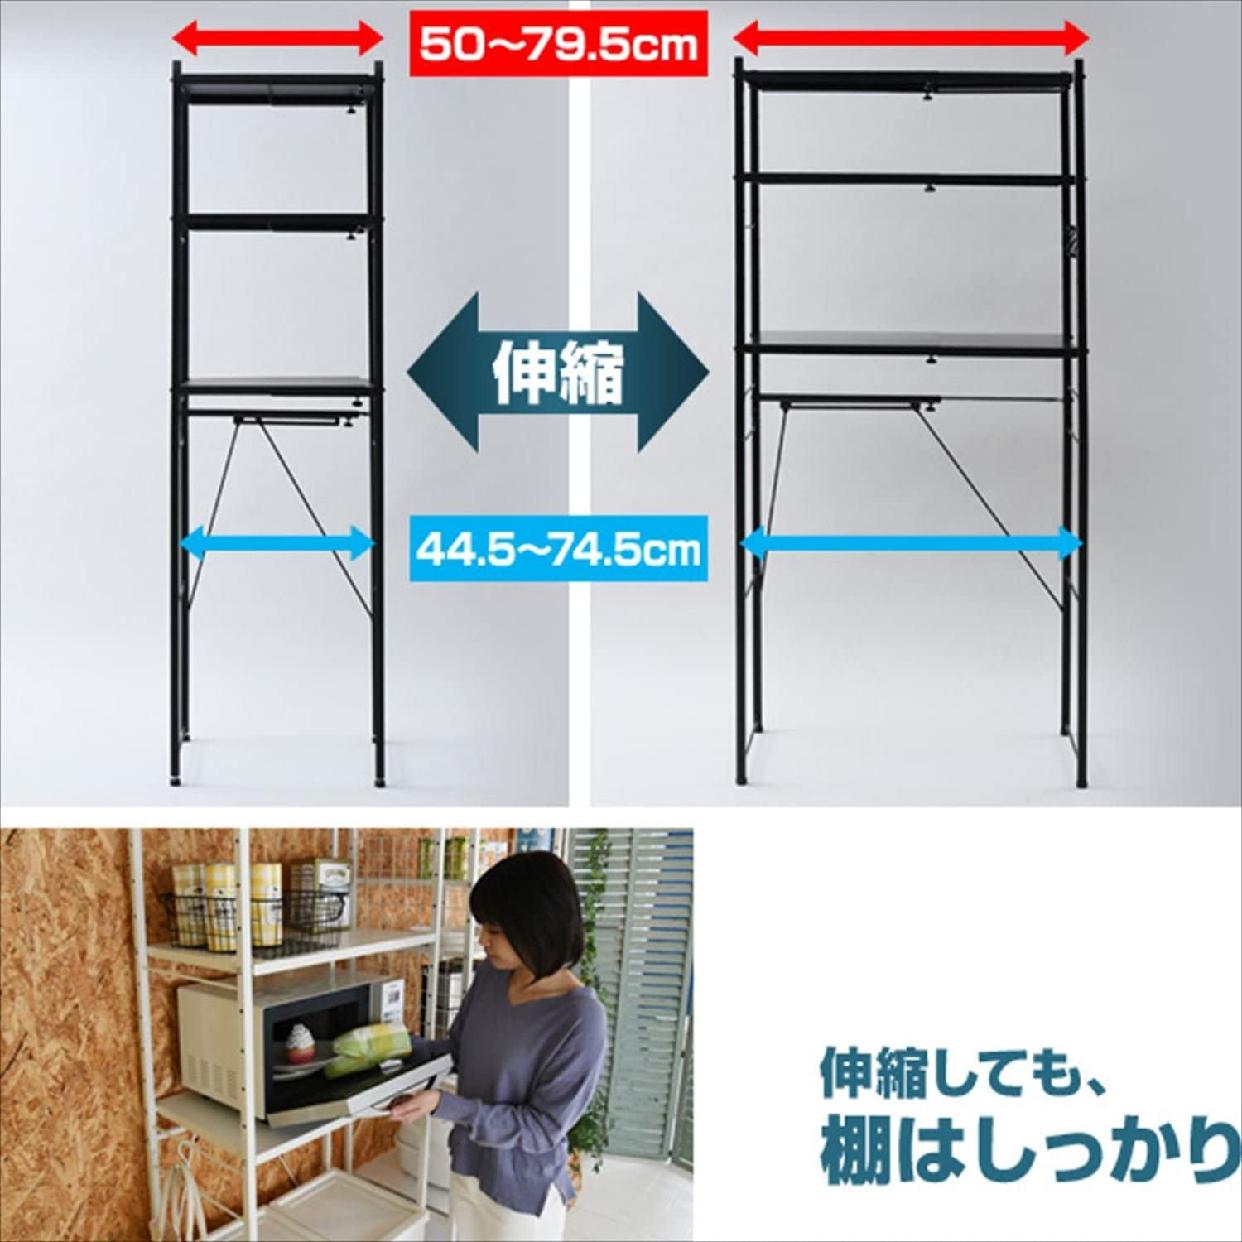 YAMAZEN(ヤマゼン)すっきりキッチンラック 伸縮タイプ/RPE-3 幅50-79.5cmの商品画像5